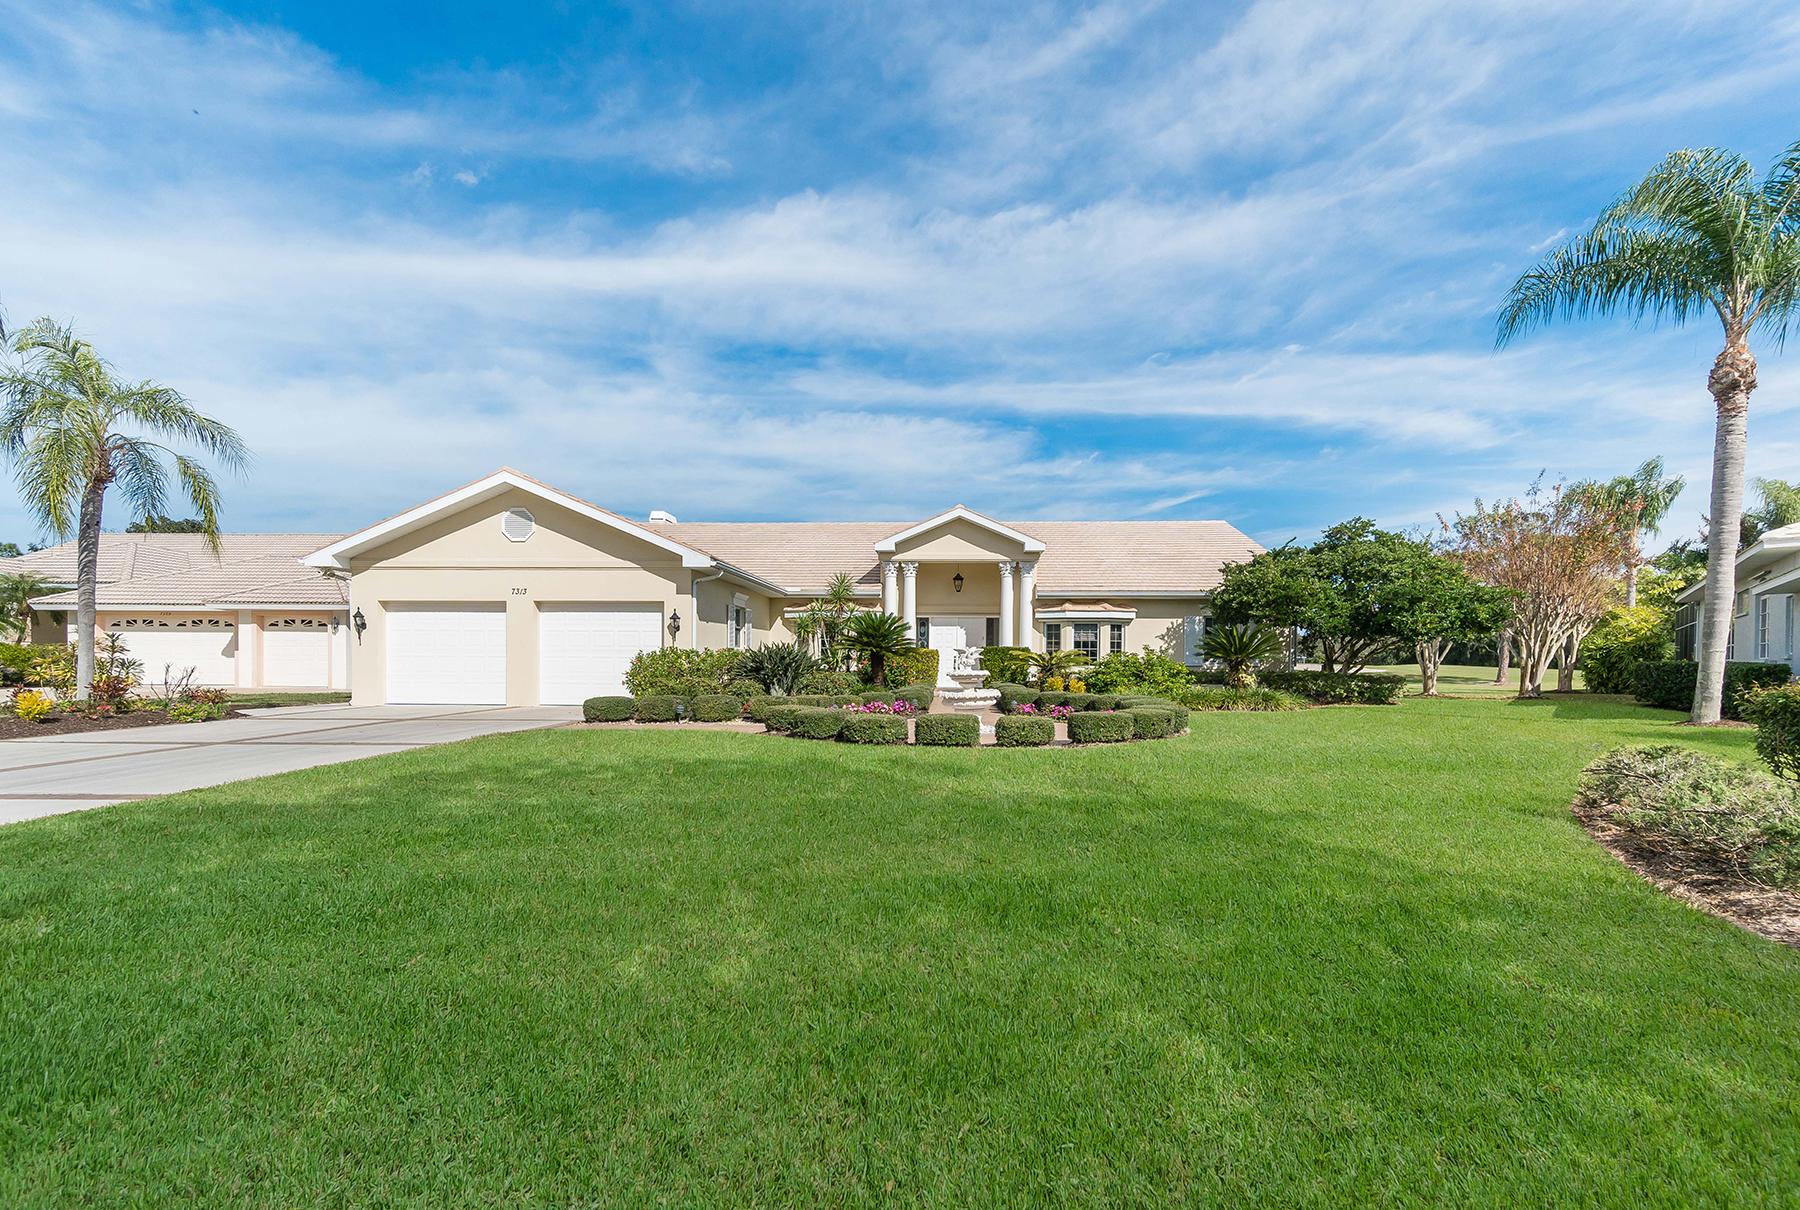 独户住宅 为 销售 在 LINKS AT PALM AIRE 7313 Links Ct 萨拉索塔, 佛罗里达州, 34243 美国